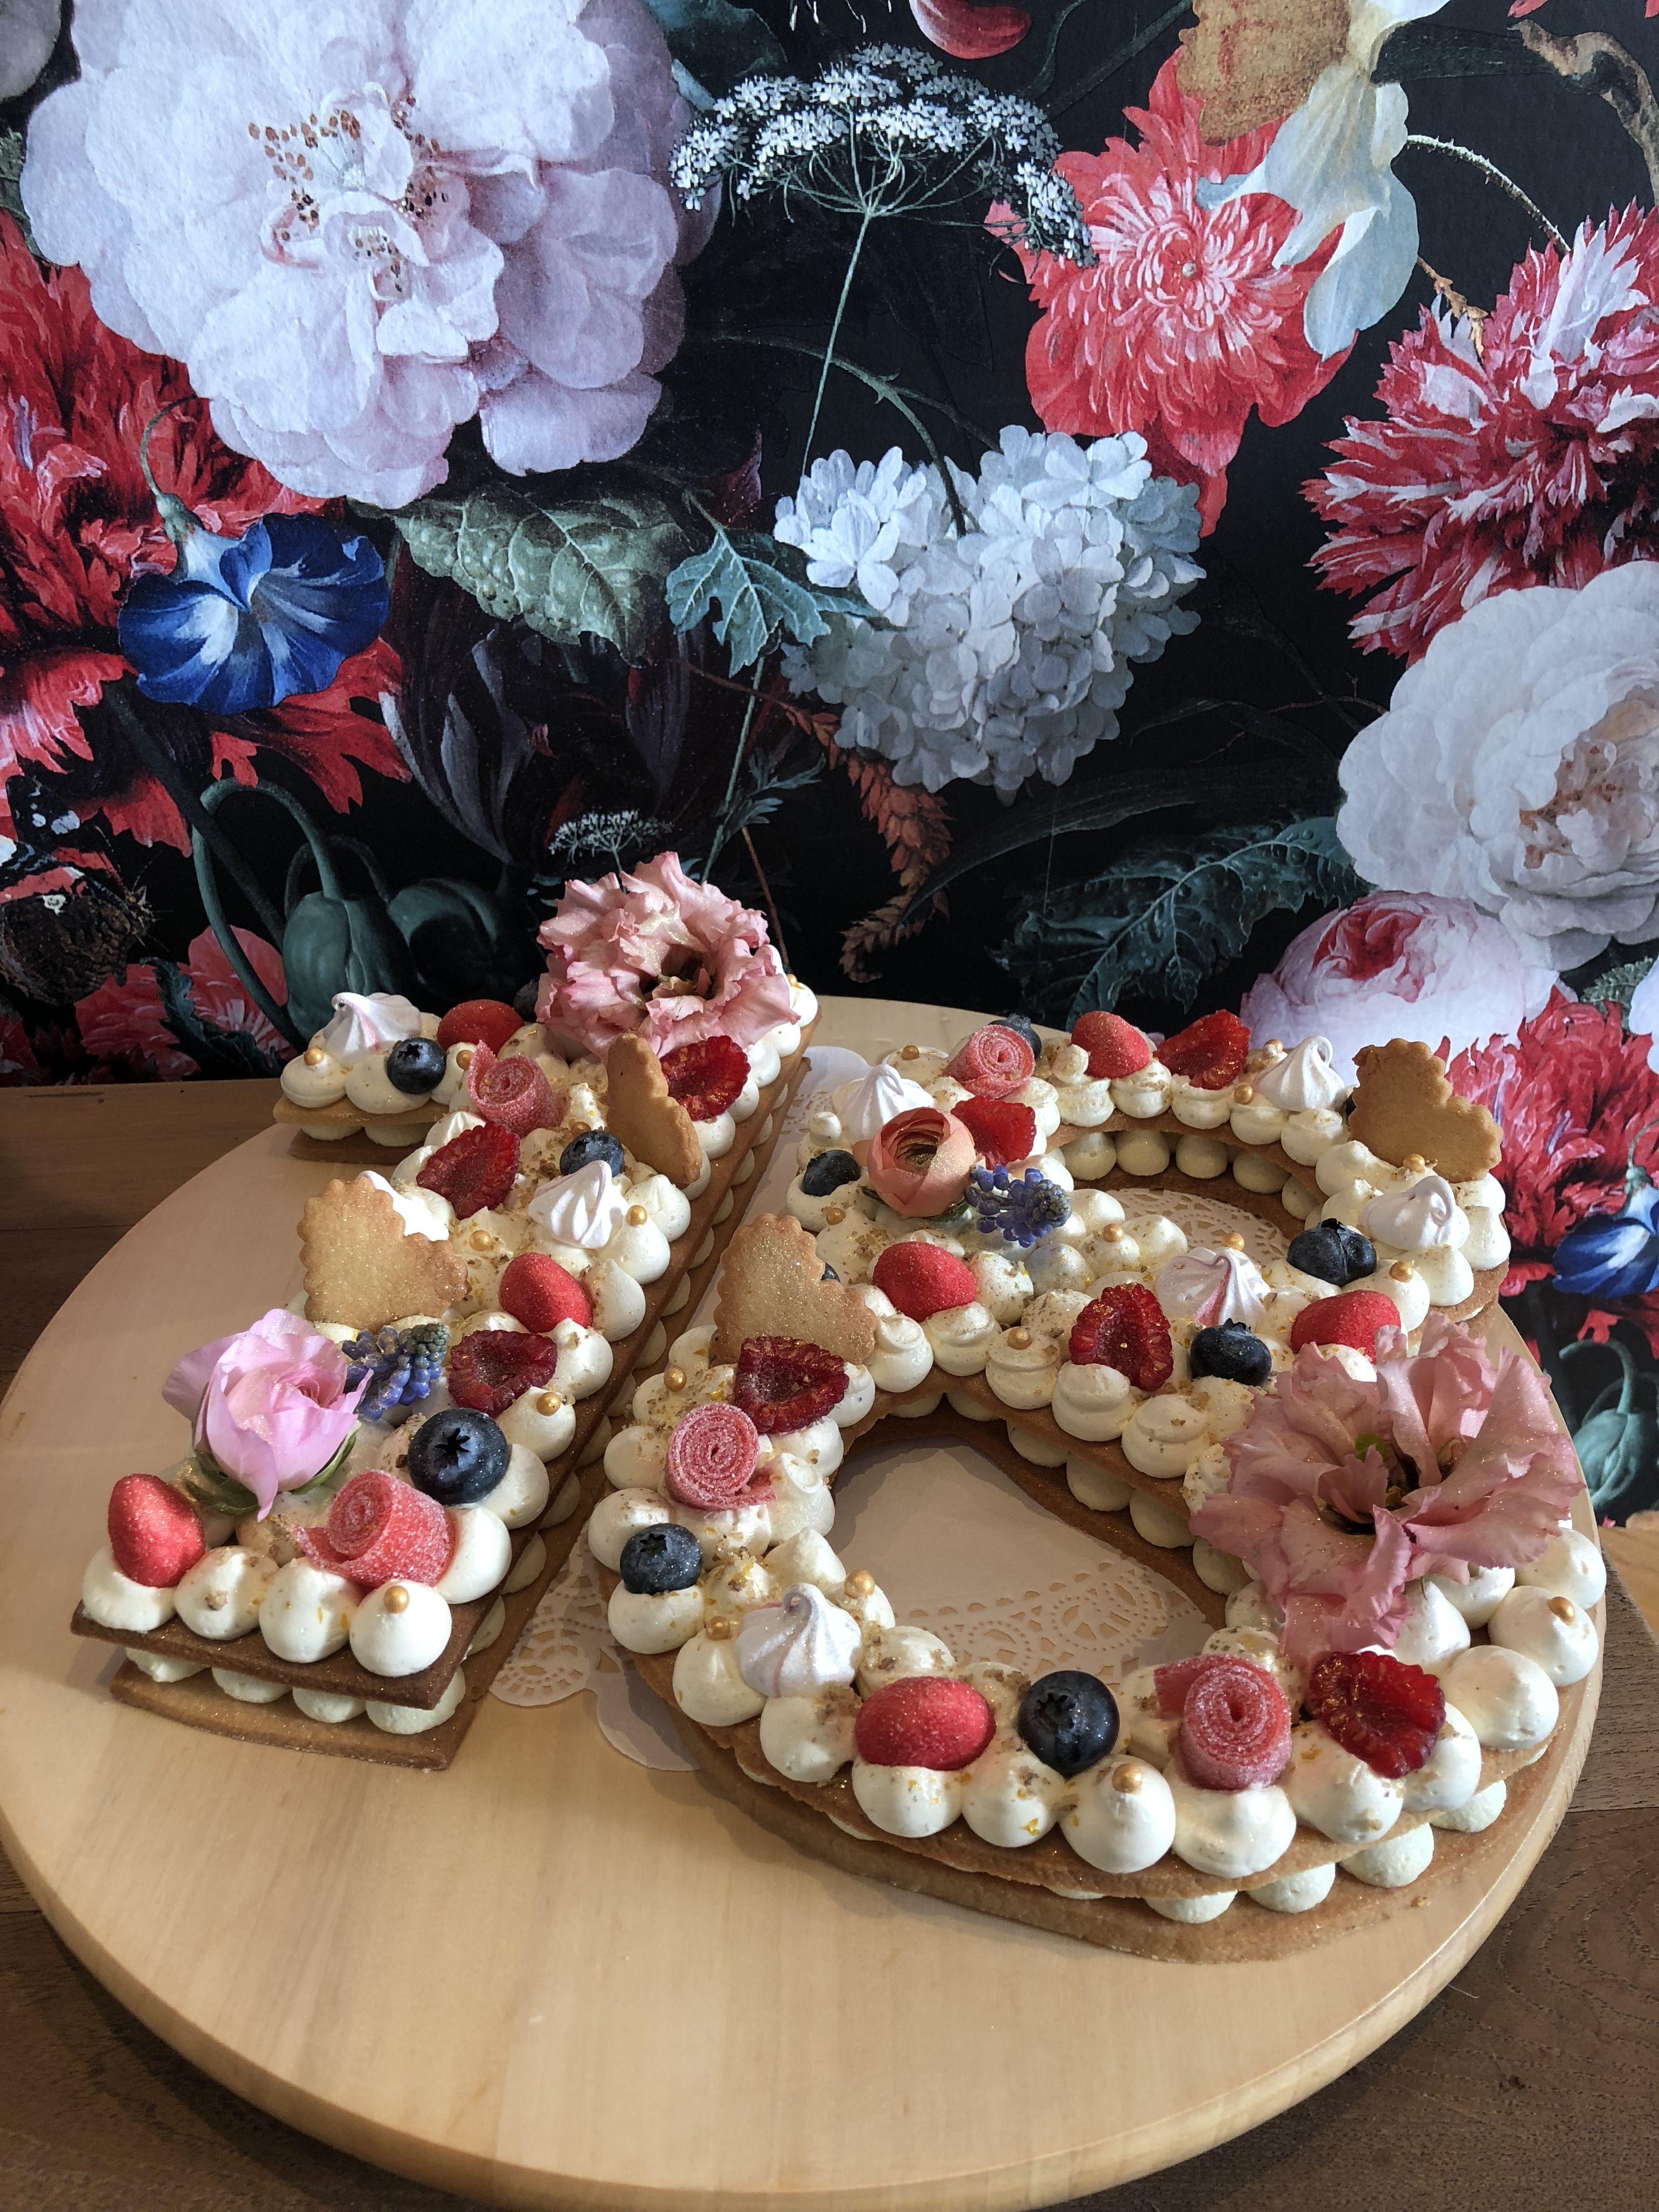 gedecoreerde taart bestellen Cookie Cake' opgespoten met witte chocolade crème en gedecoreerd  gedecoreerde taart bestellen